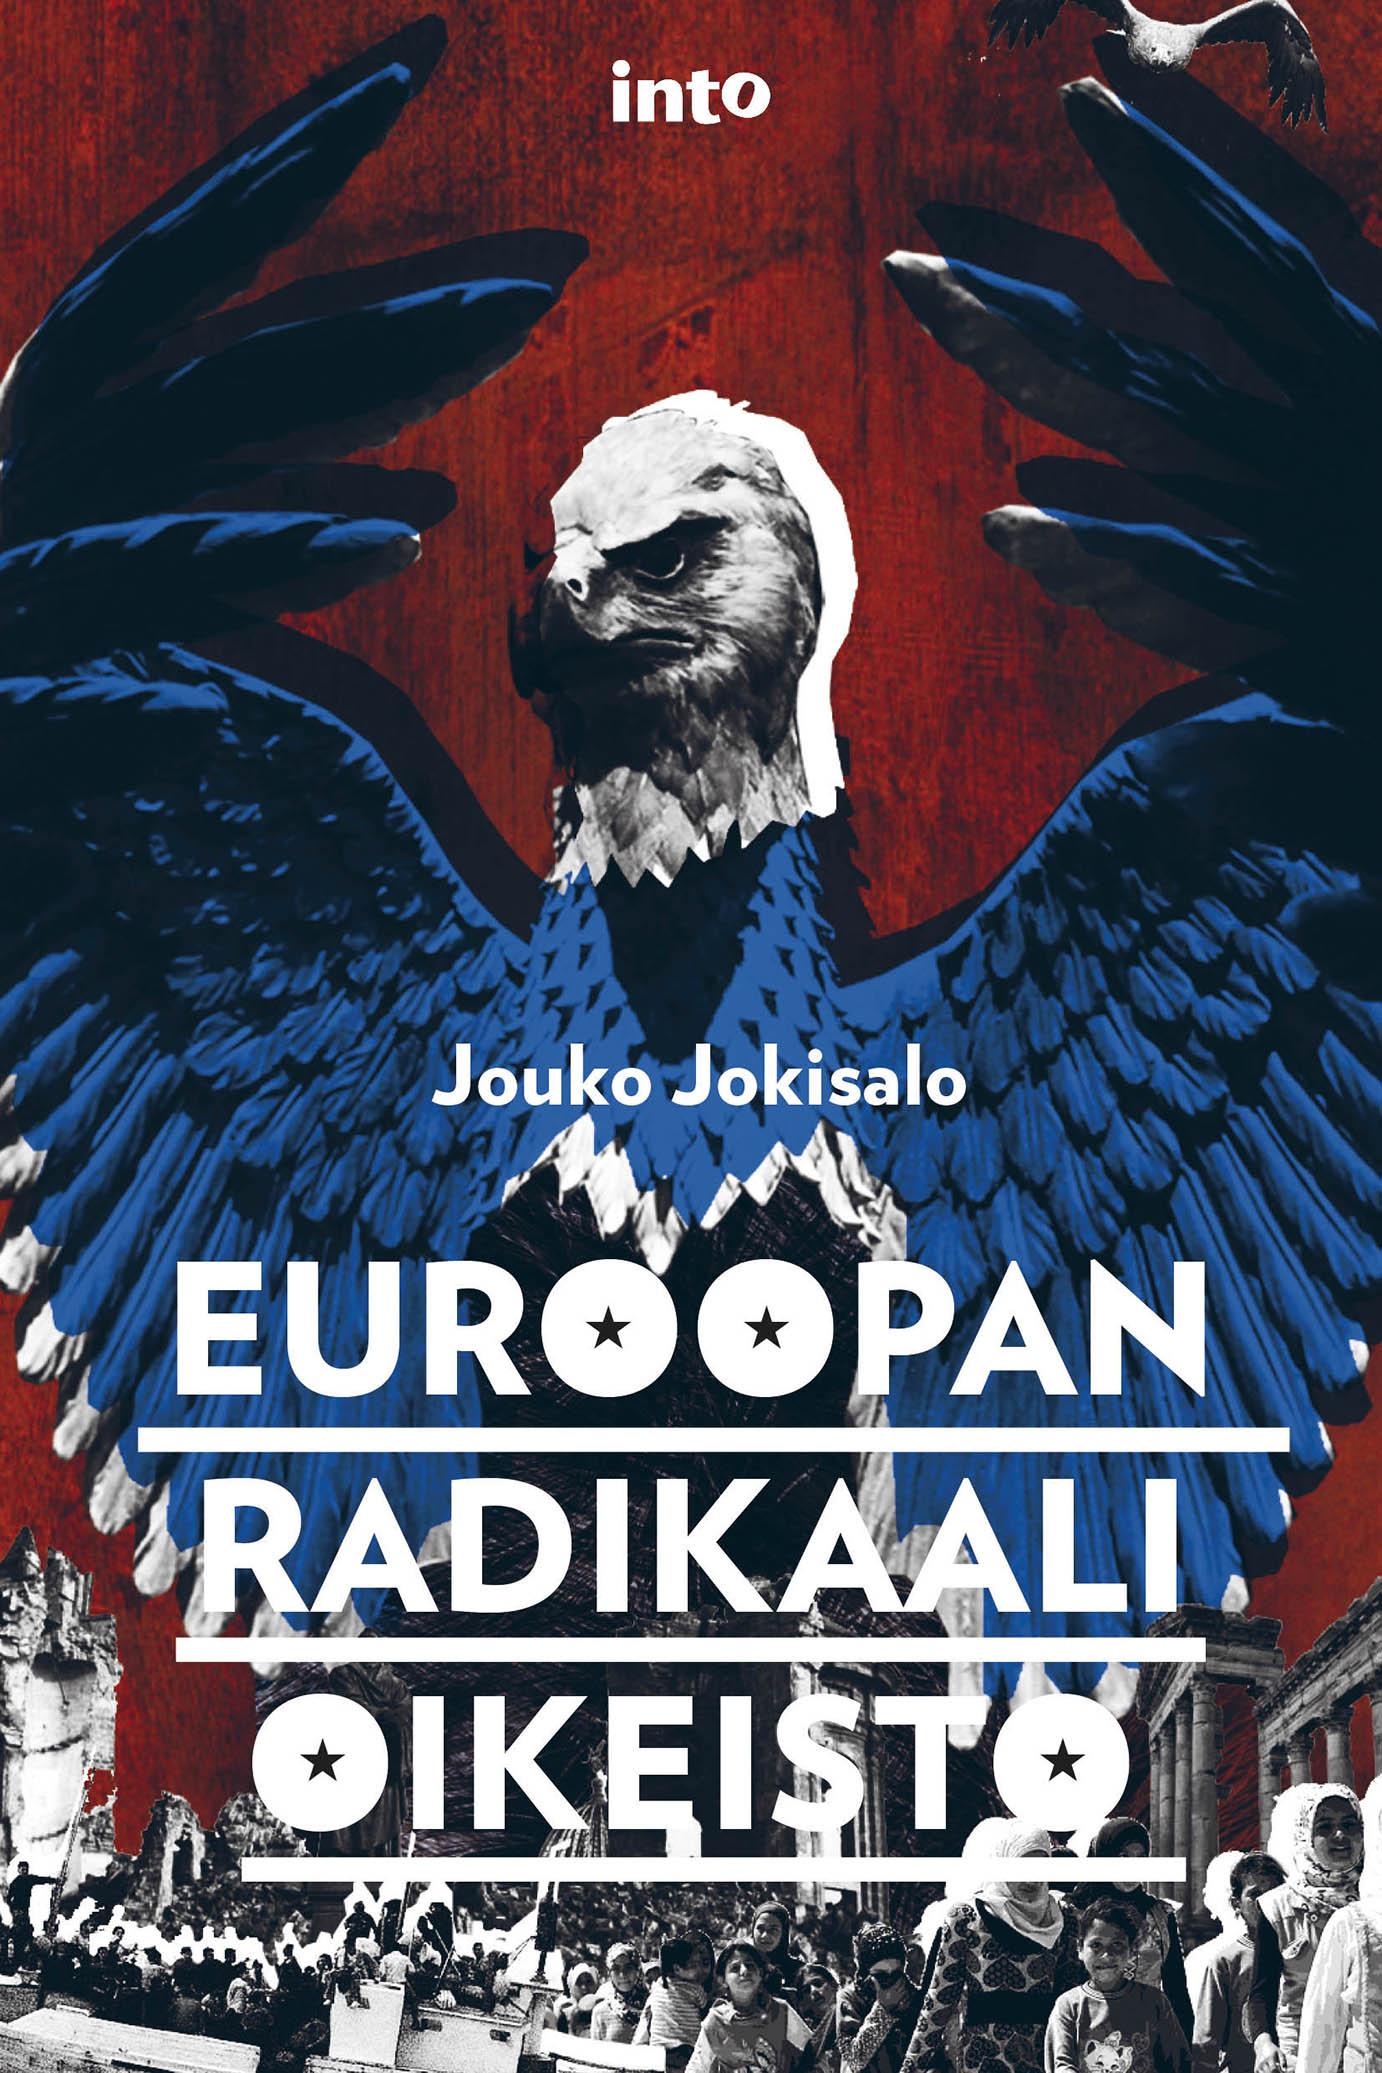 Euroopan radikaali oikeisto